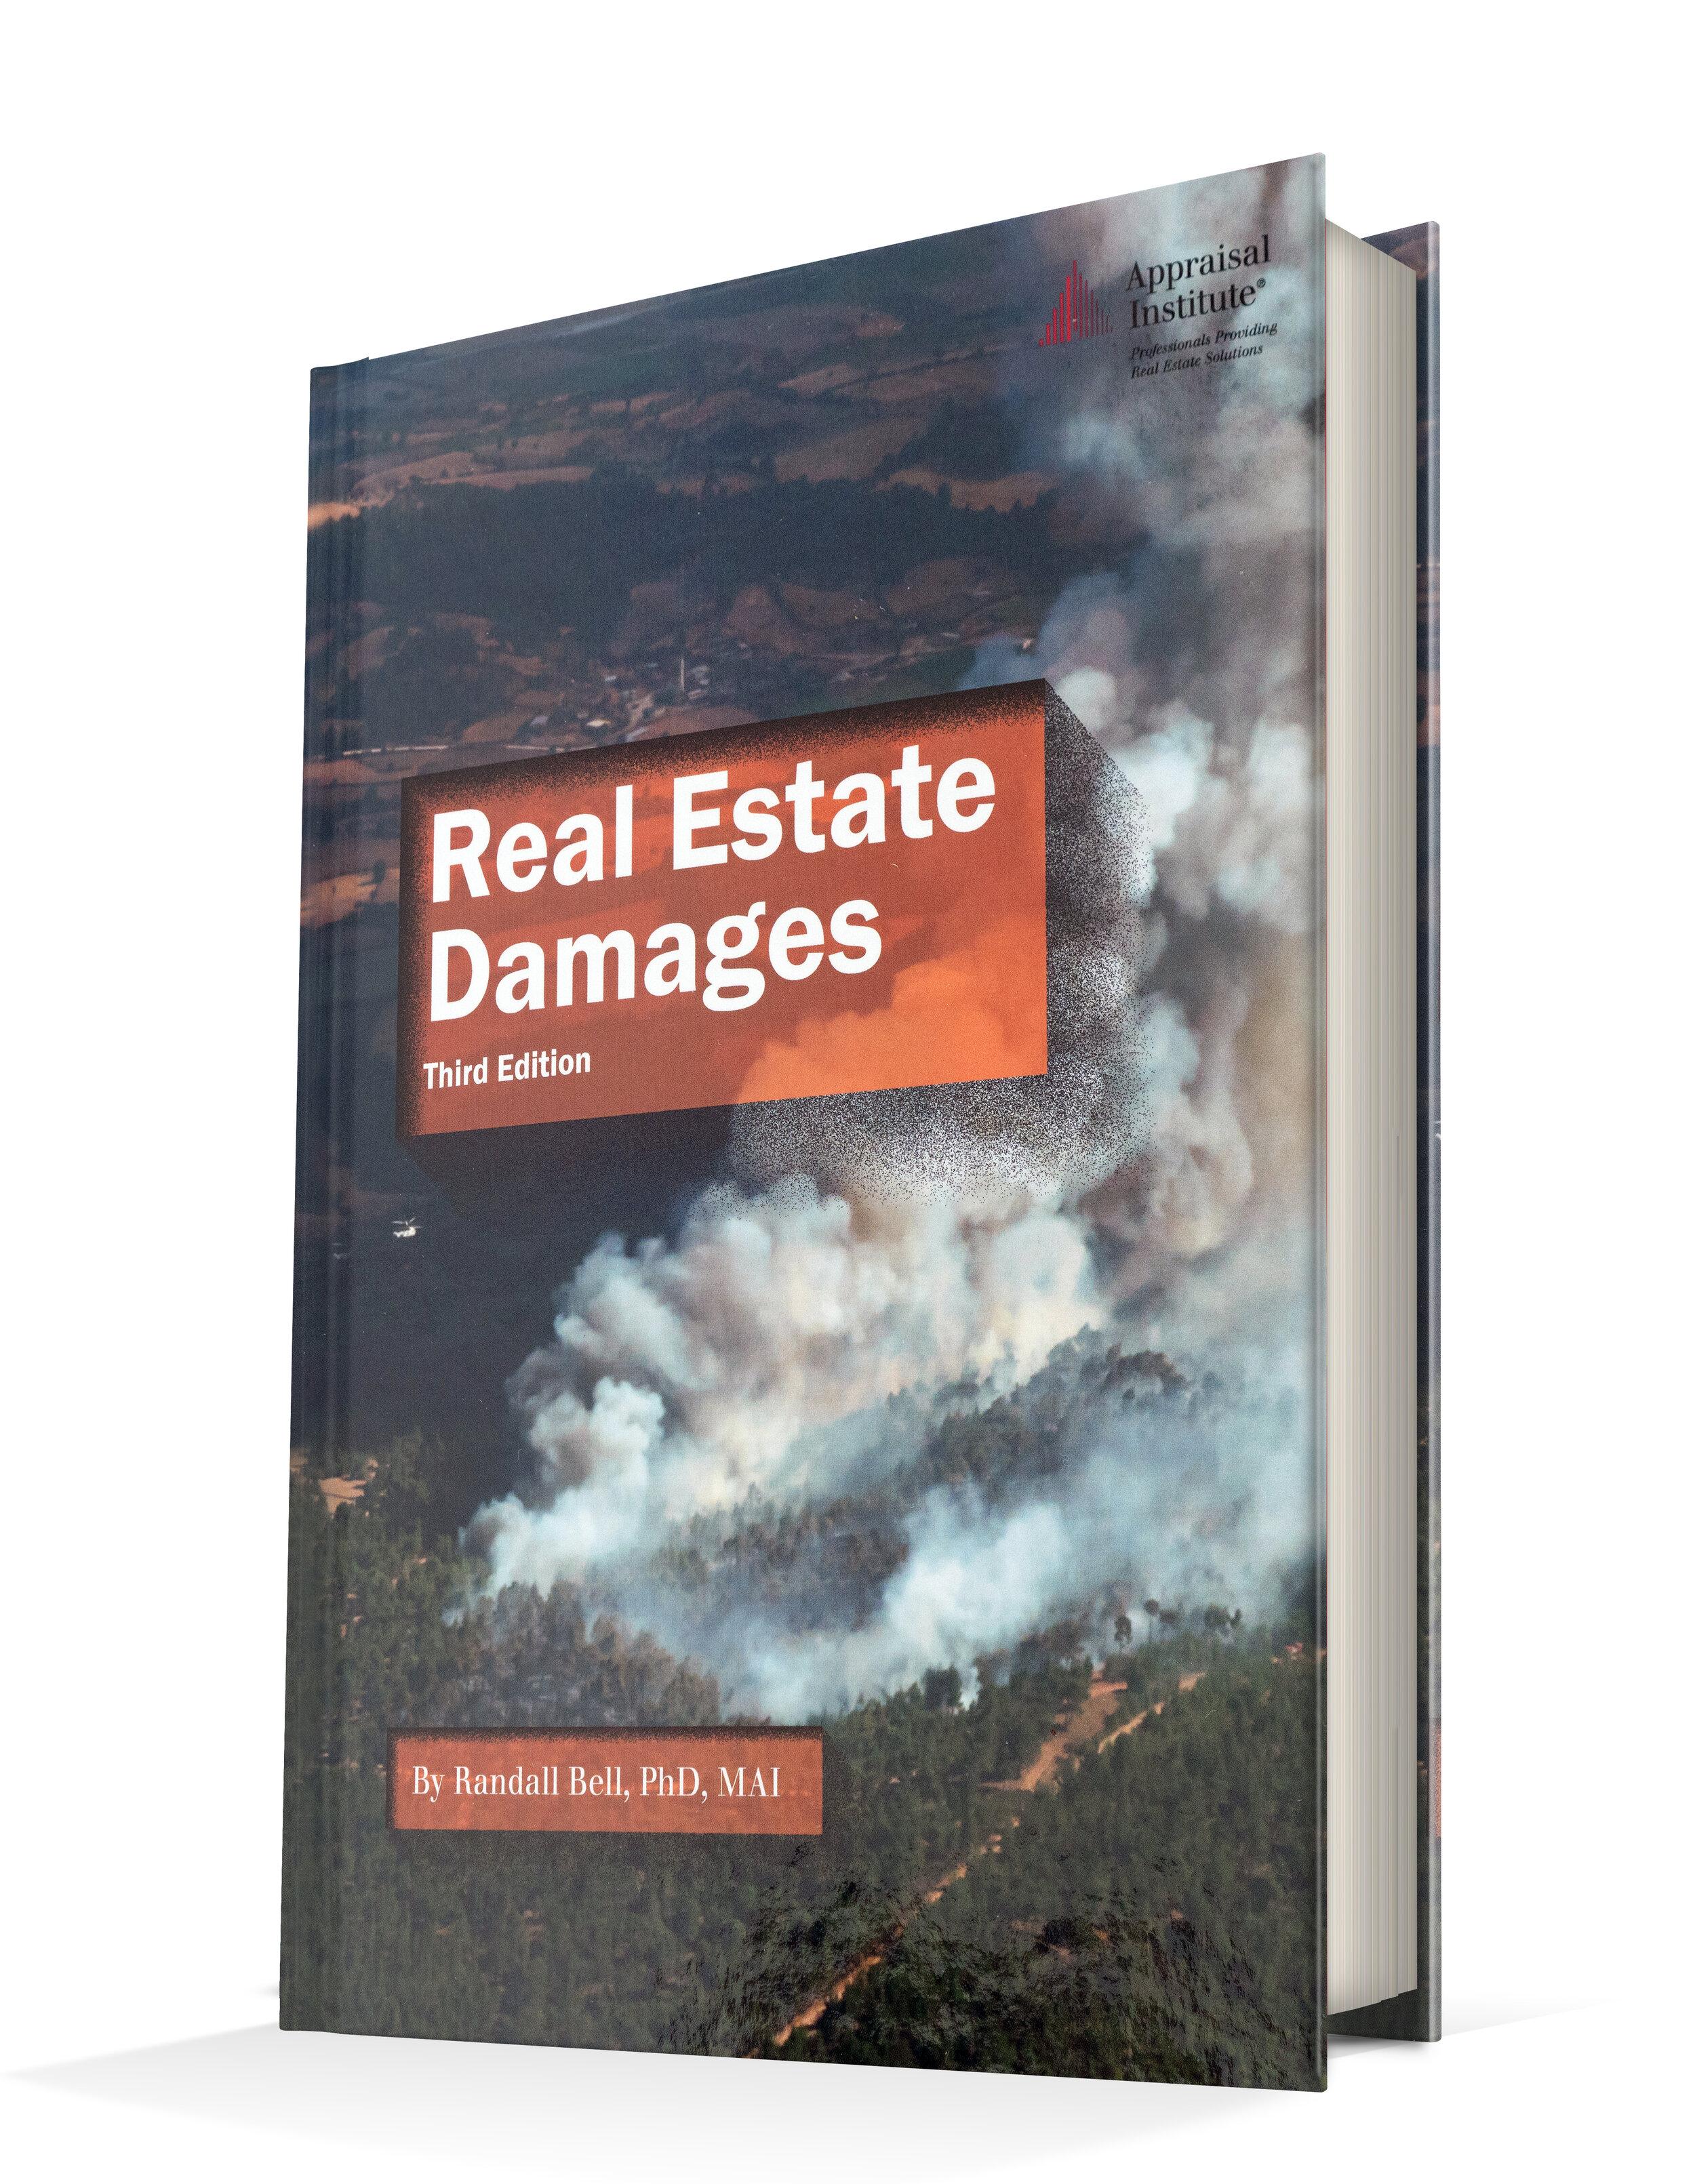 Real Estate Damages